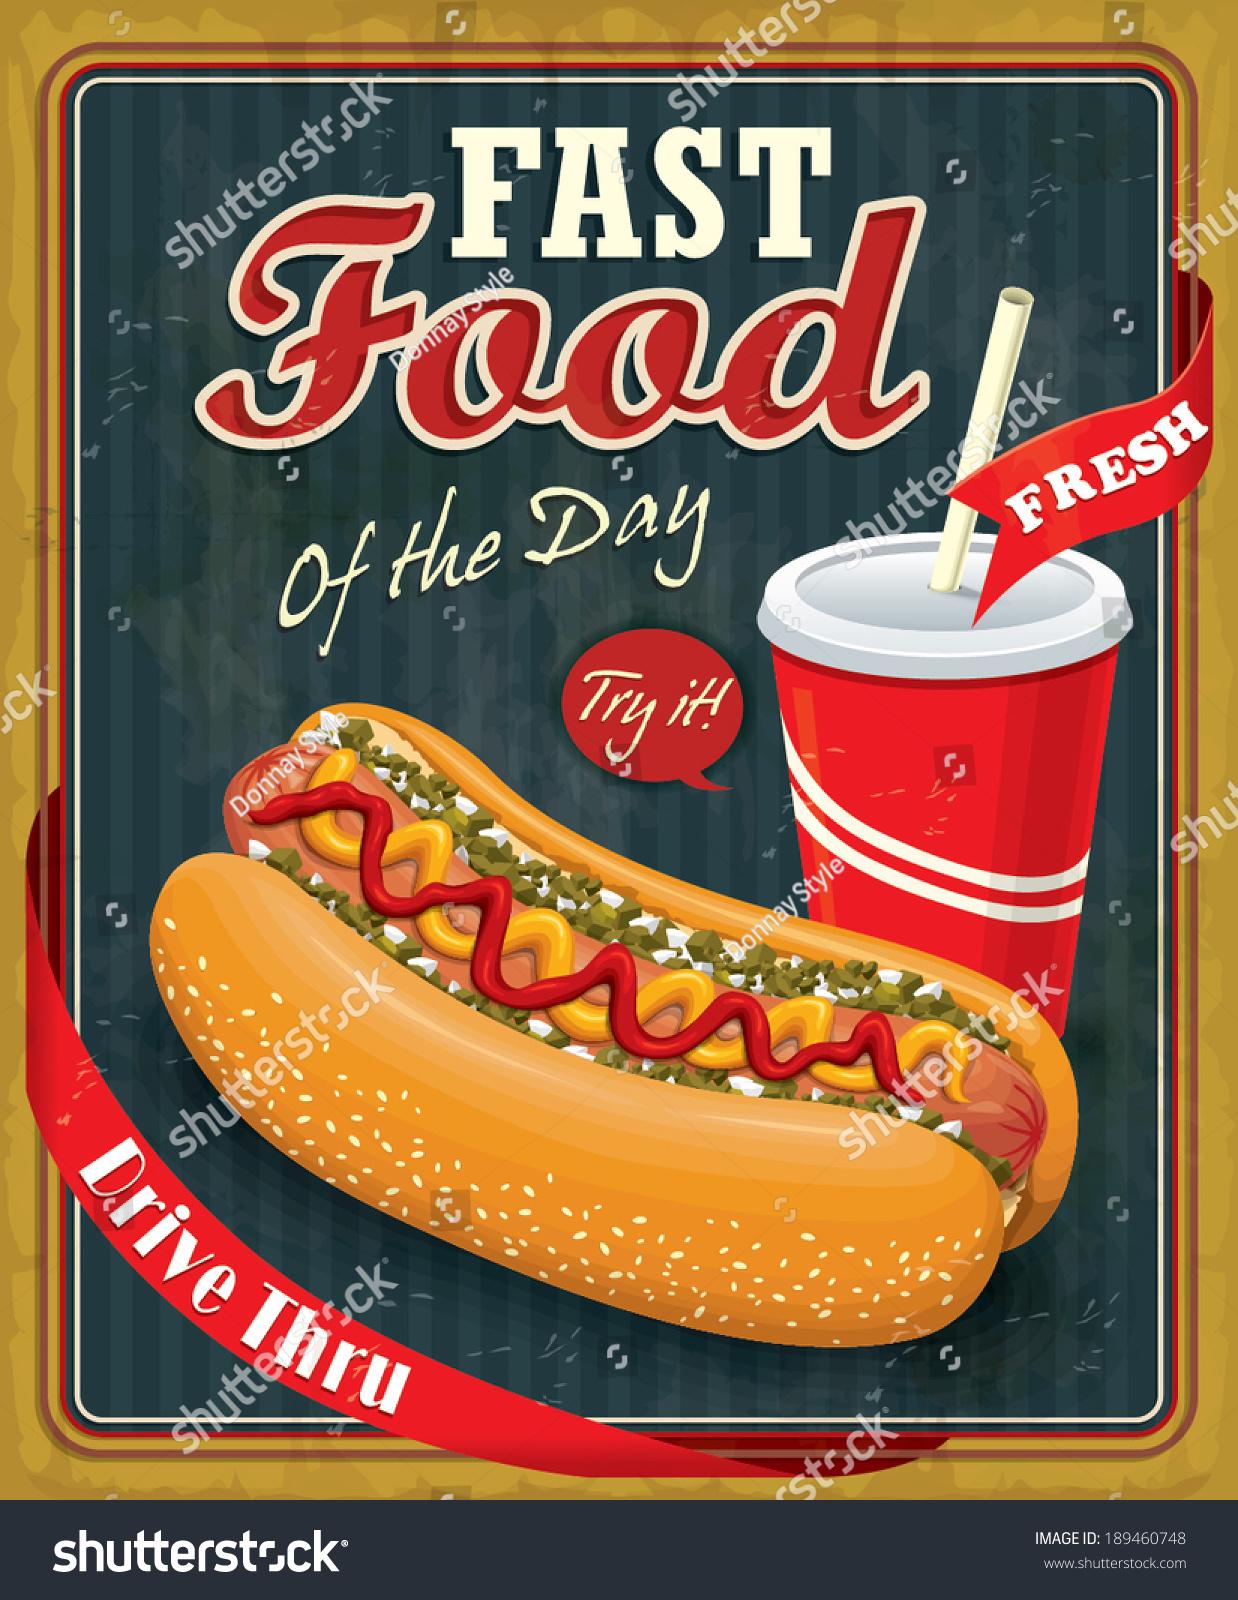 Poster design vintage - Vintage Hot Dog With Drink Poster Design